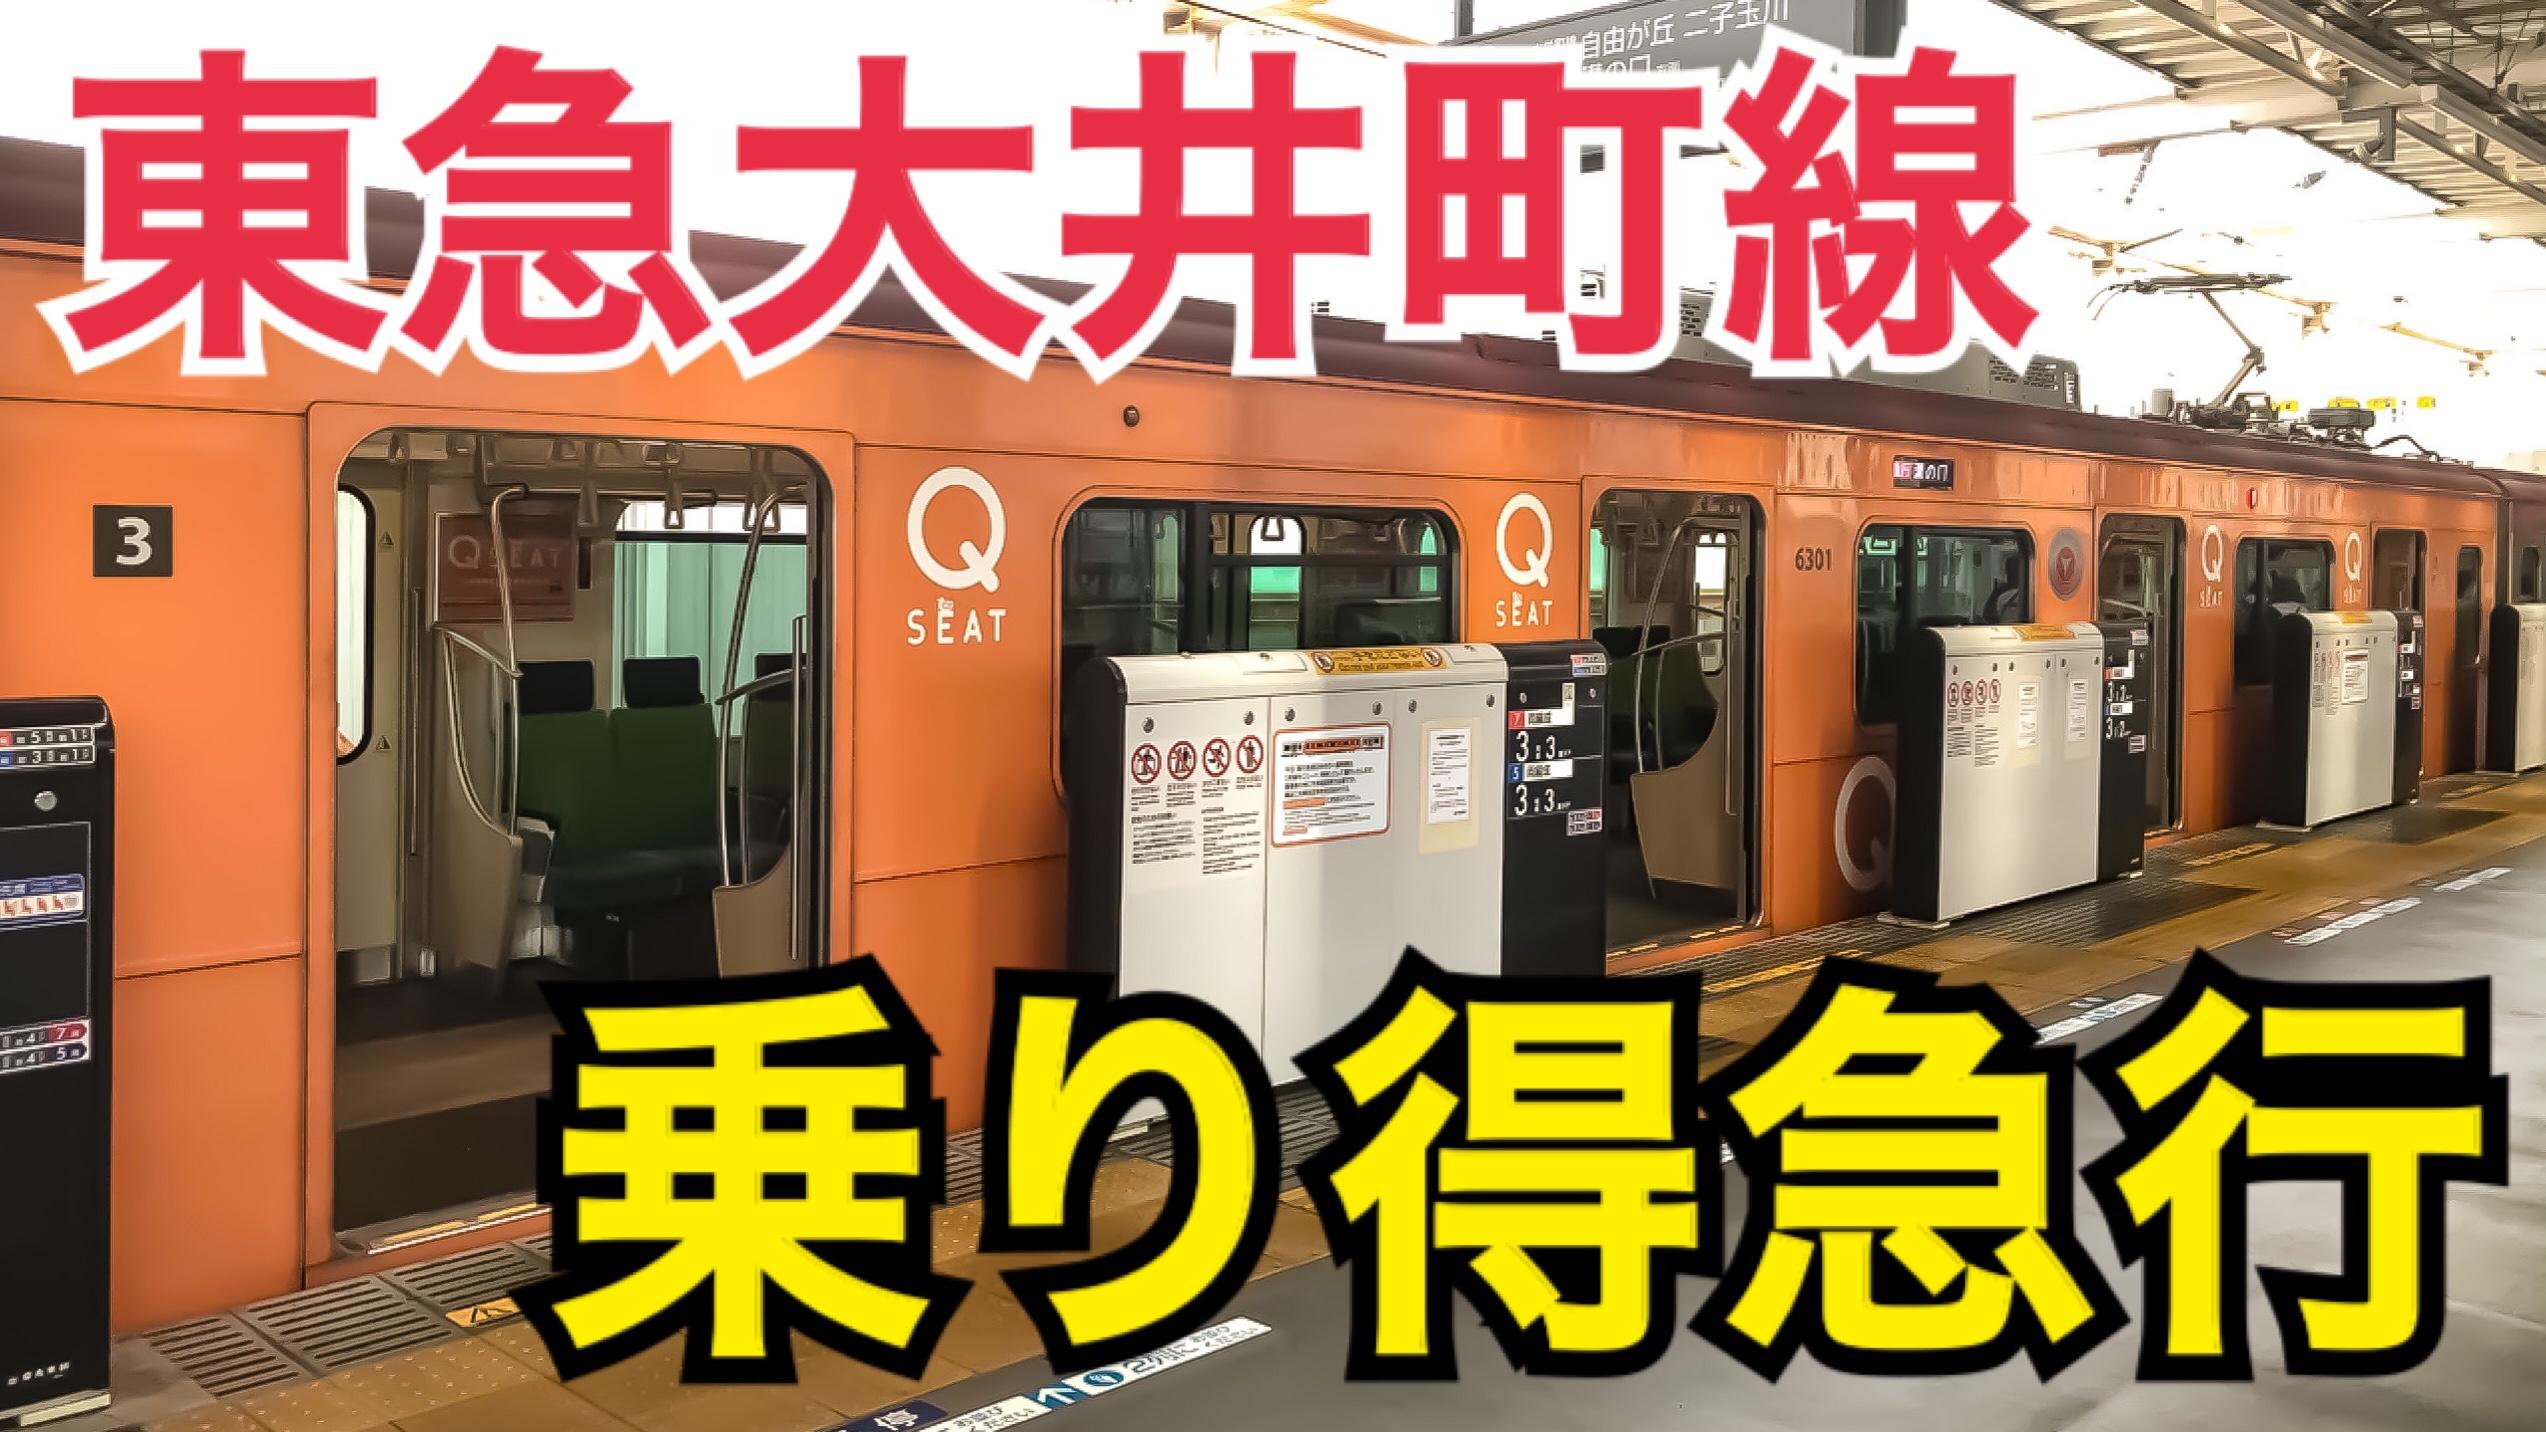 乗り得!東急大井町線Qシートで快適に!なぜ大井町線にQシートがついたの?【東急全線乗りつぶしの旅】